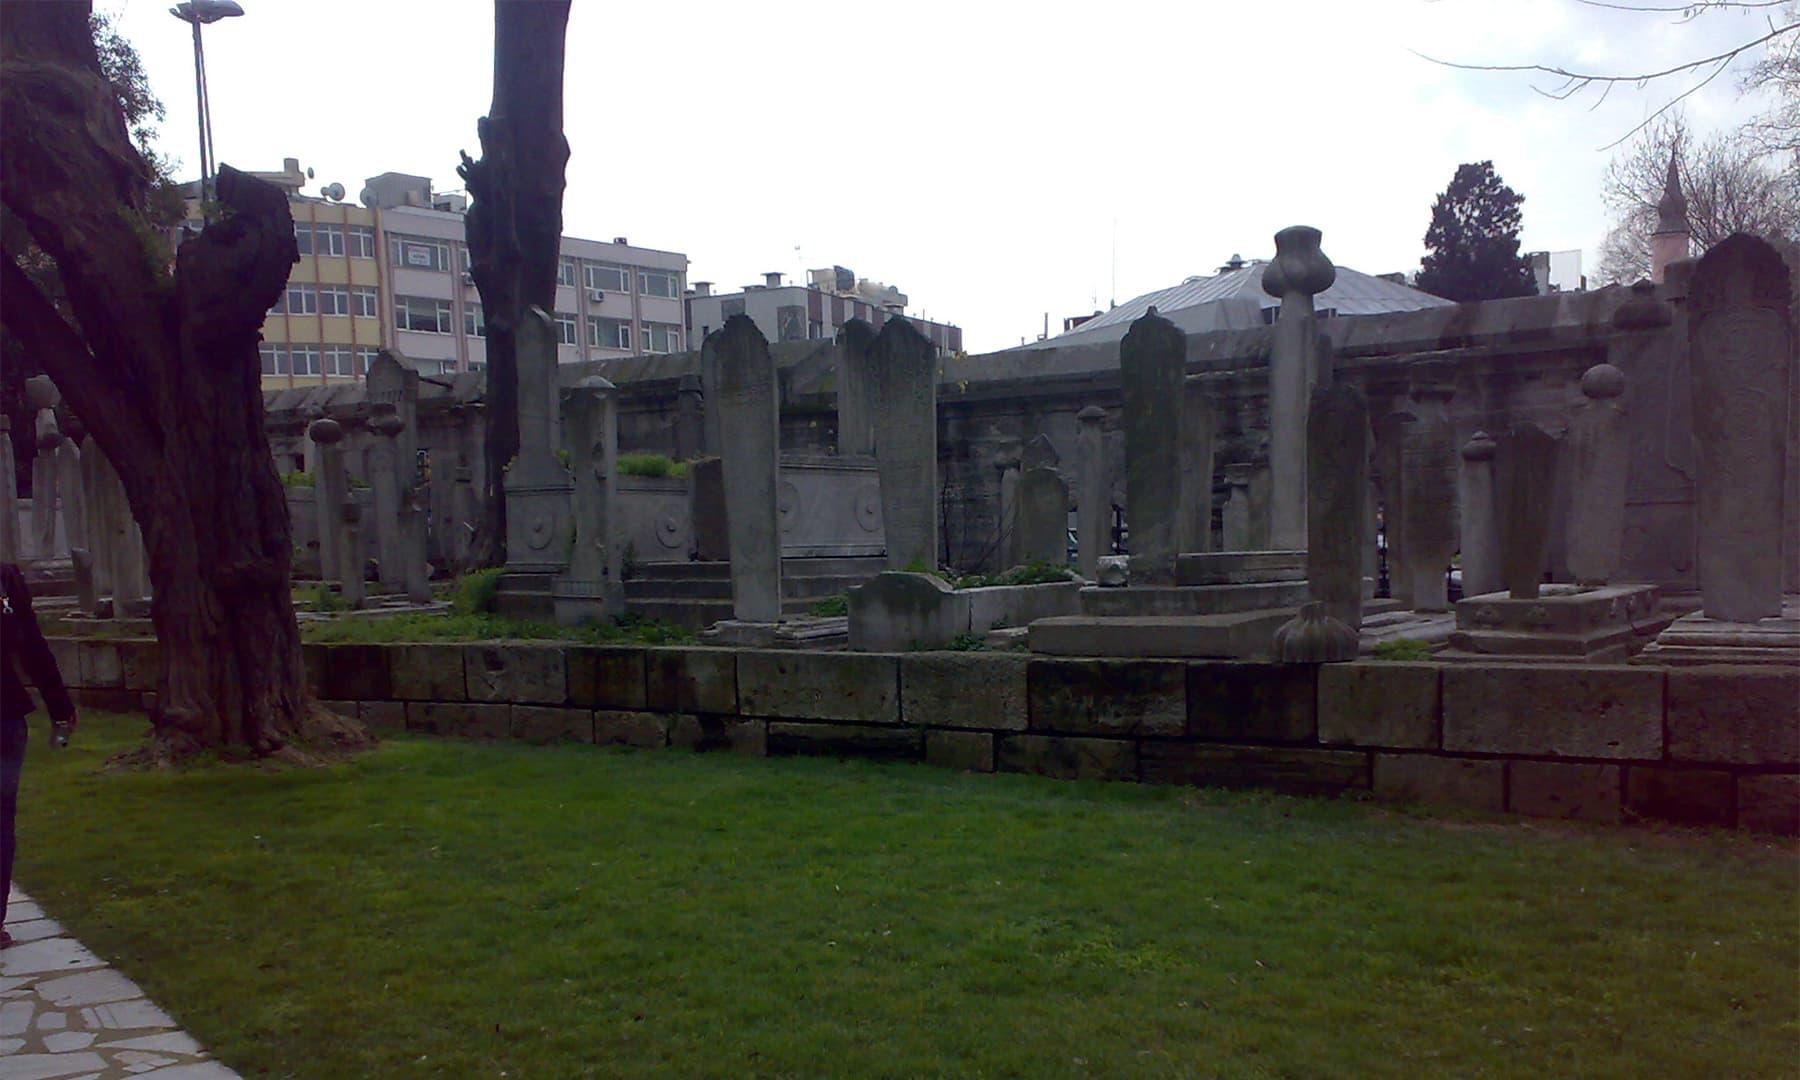 قبرستان میں موجود اونچے لمبے کتبے والی قبریں